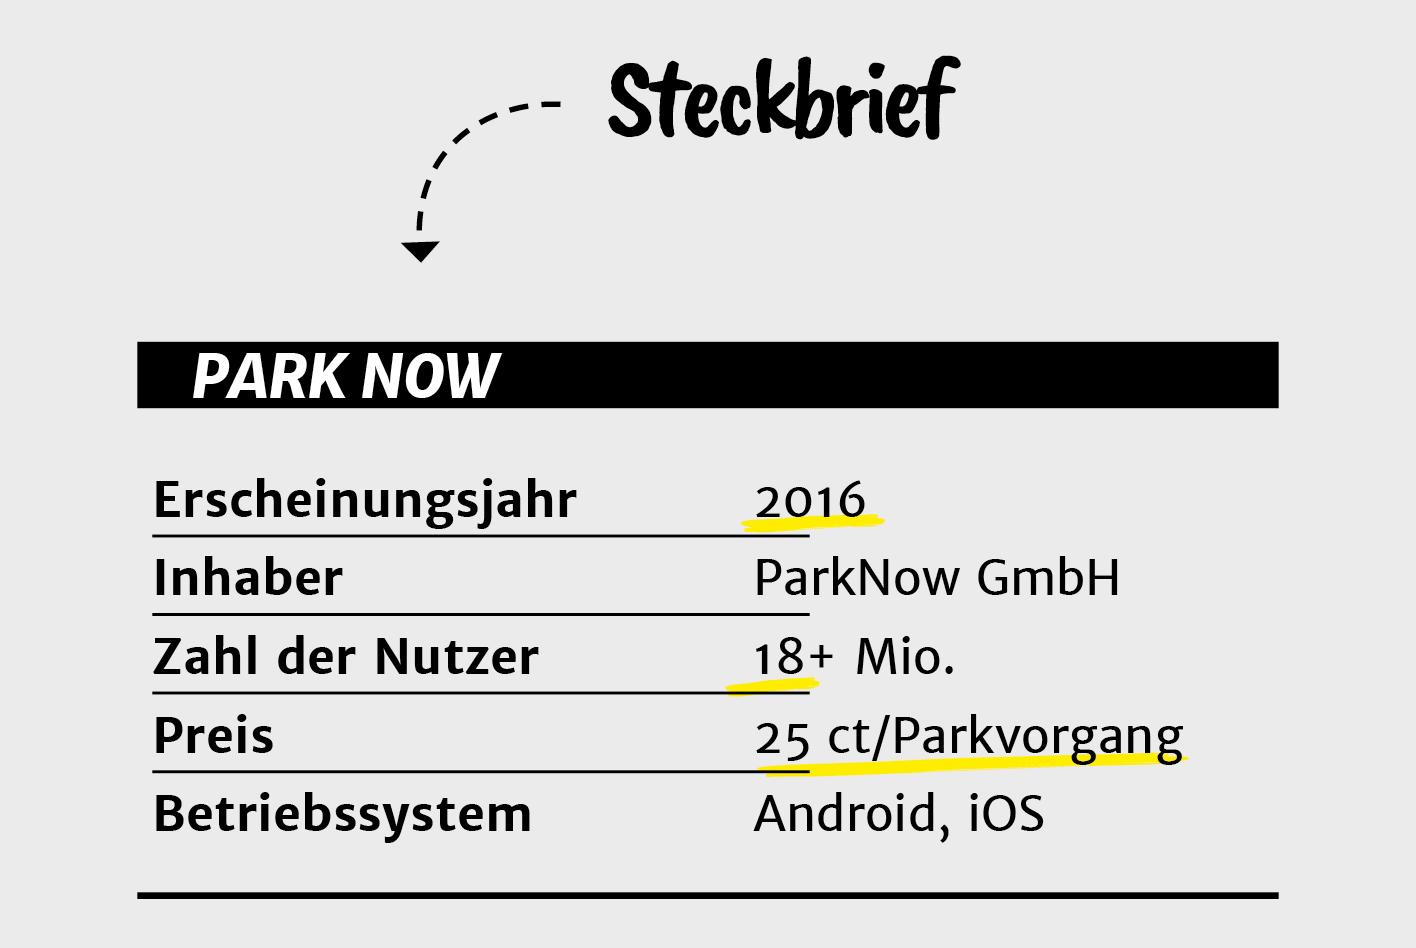 Steckbrief für PARK NOW, der Park-App von Daimler und BMW.